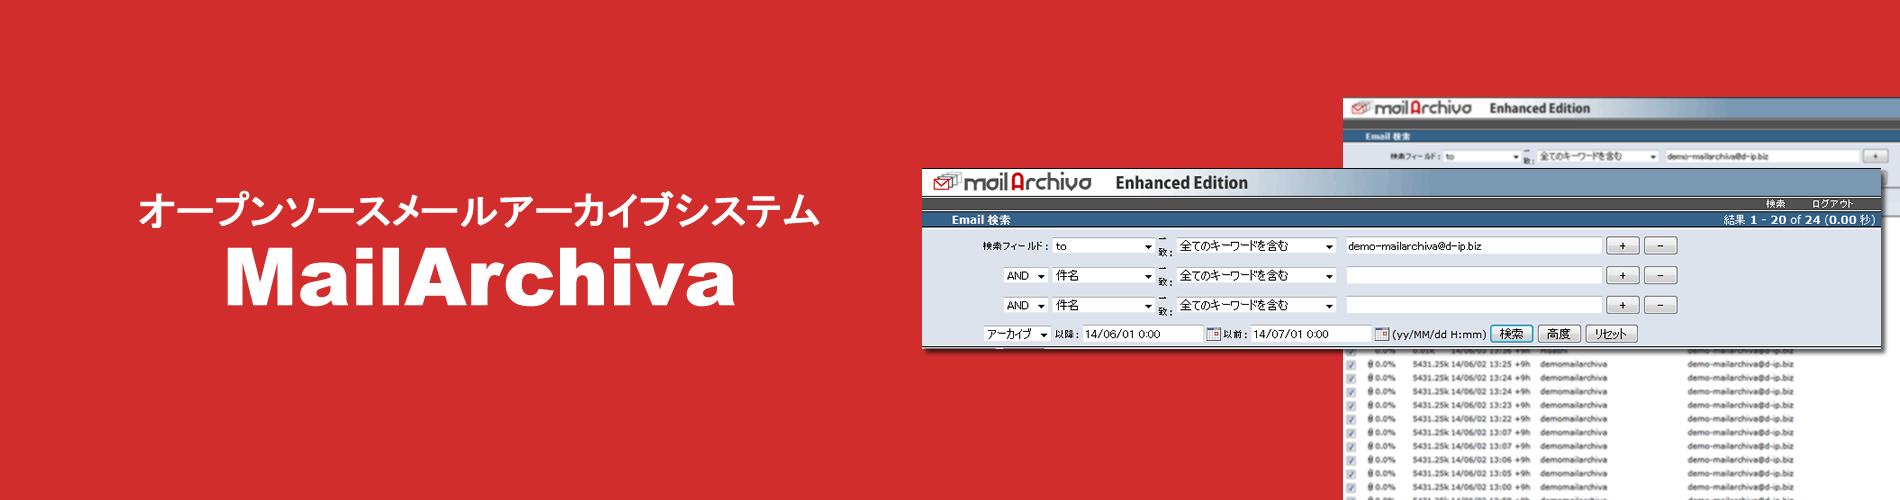 オープンソースメールアーカイブシステムMailArchiva